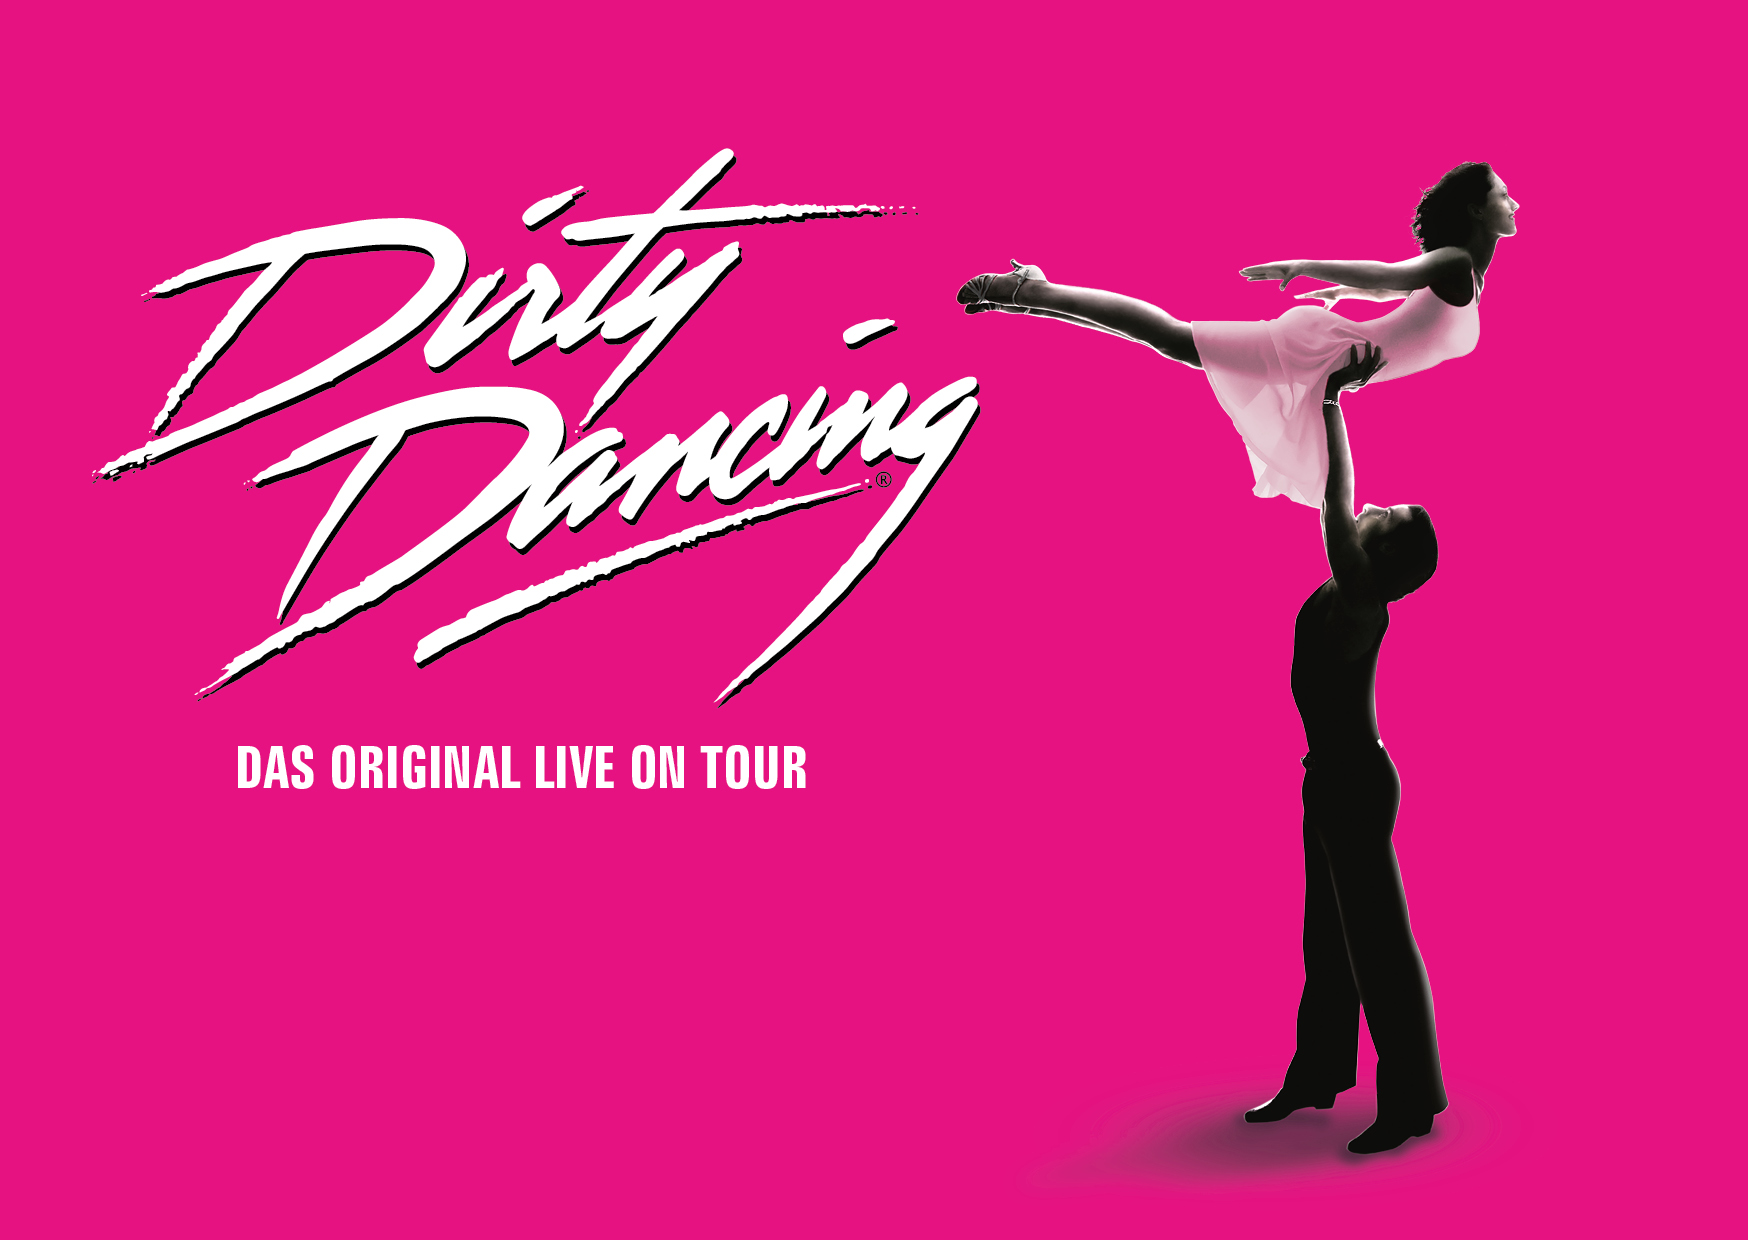 Dirty Dancing - Das Original Live On Tour